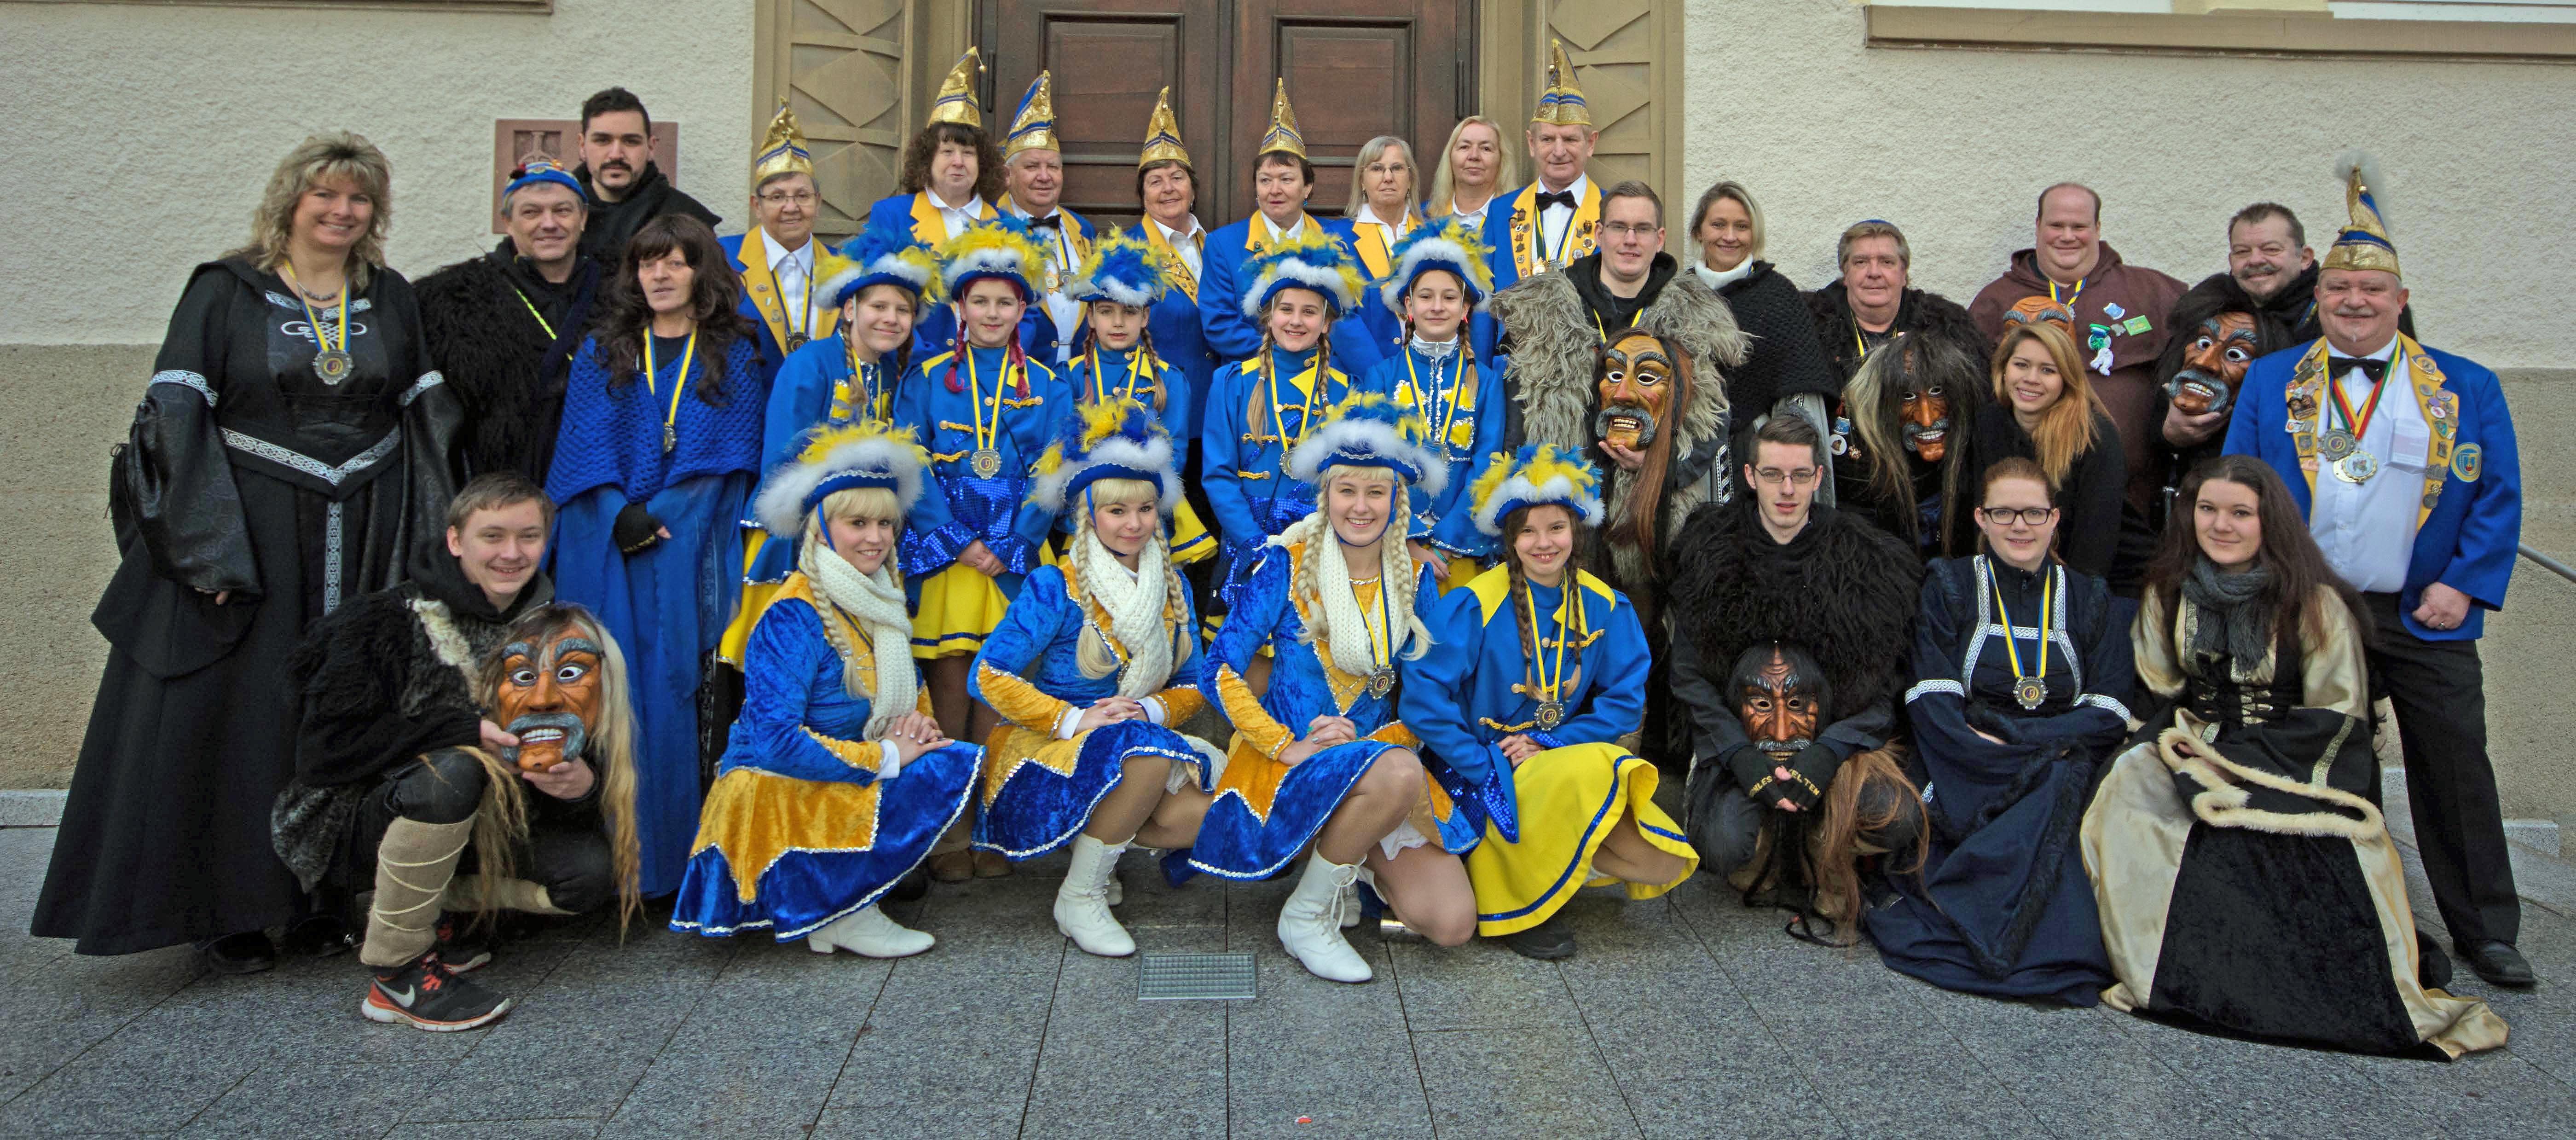 1.Ehninger Karnevalverein e.V.